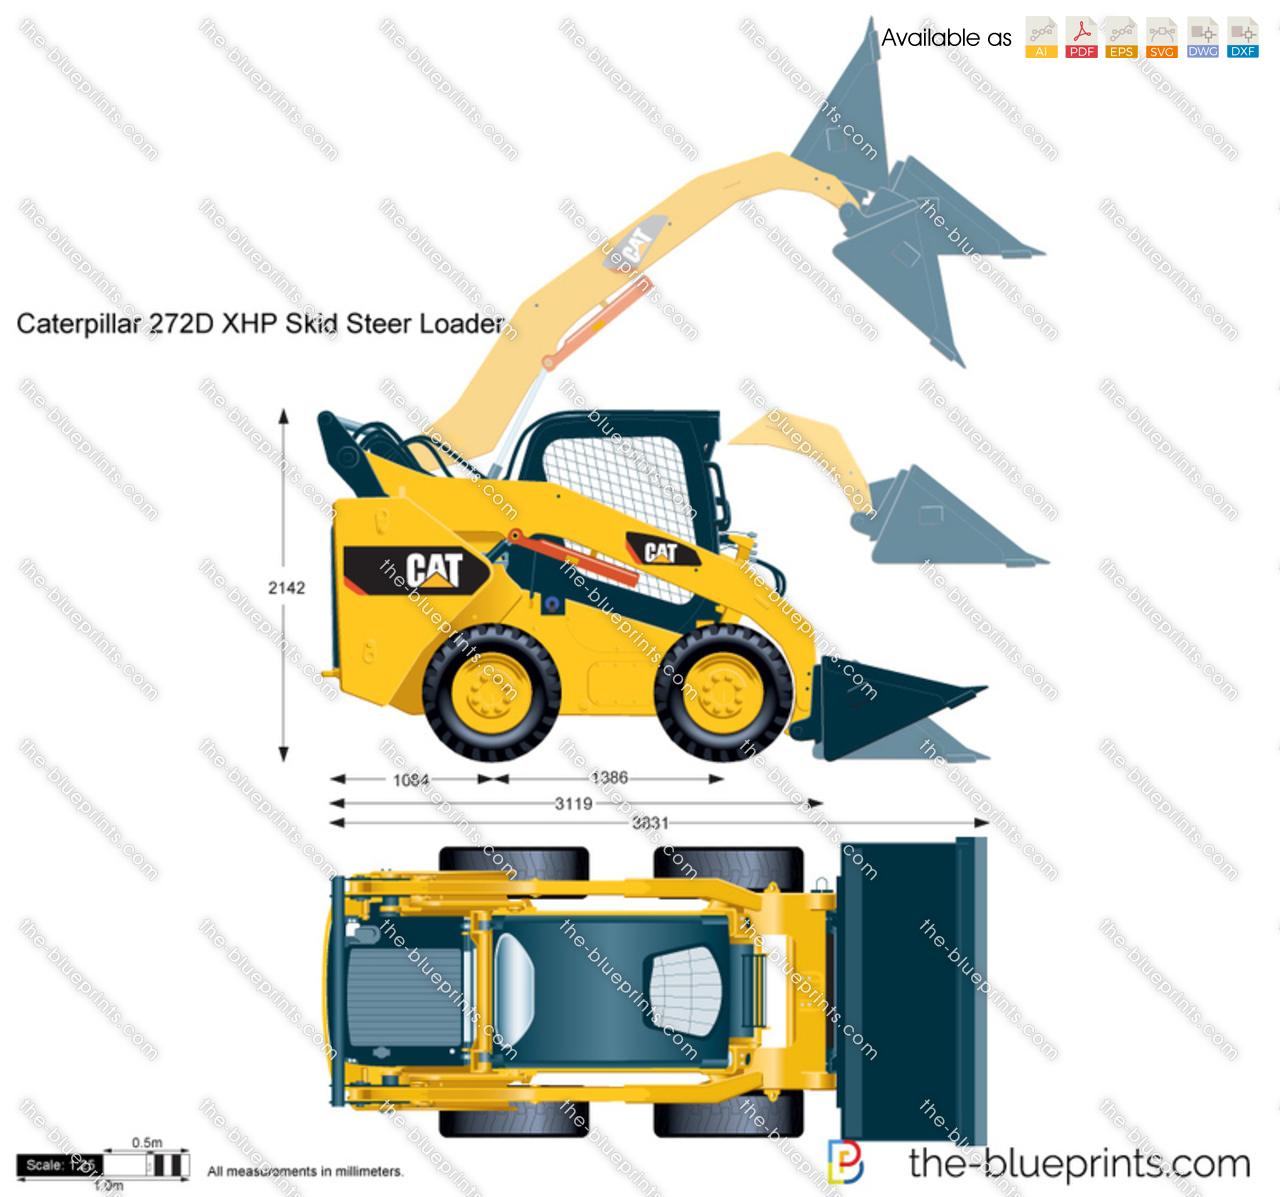 Caterpillar 272D XHP Skid Steer Loader